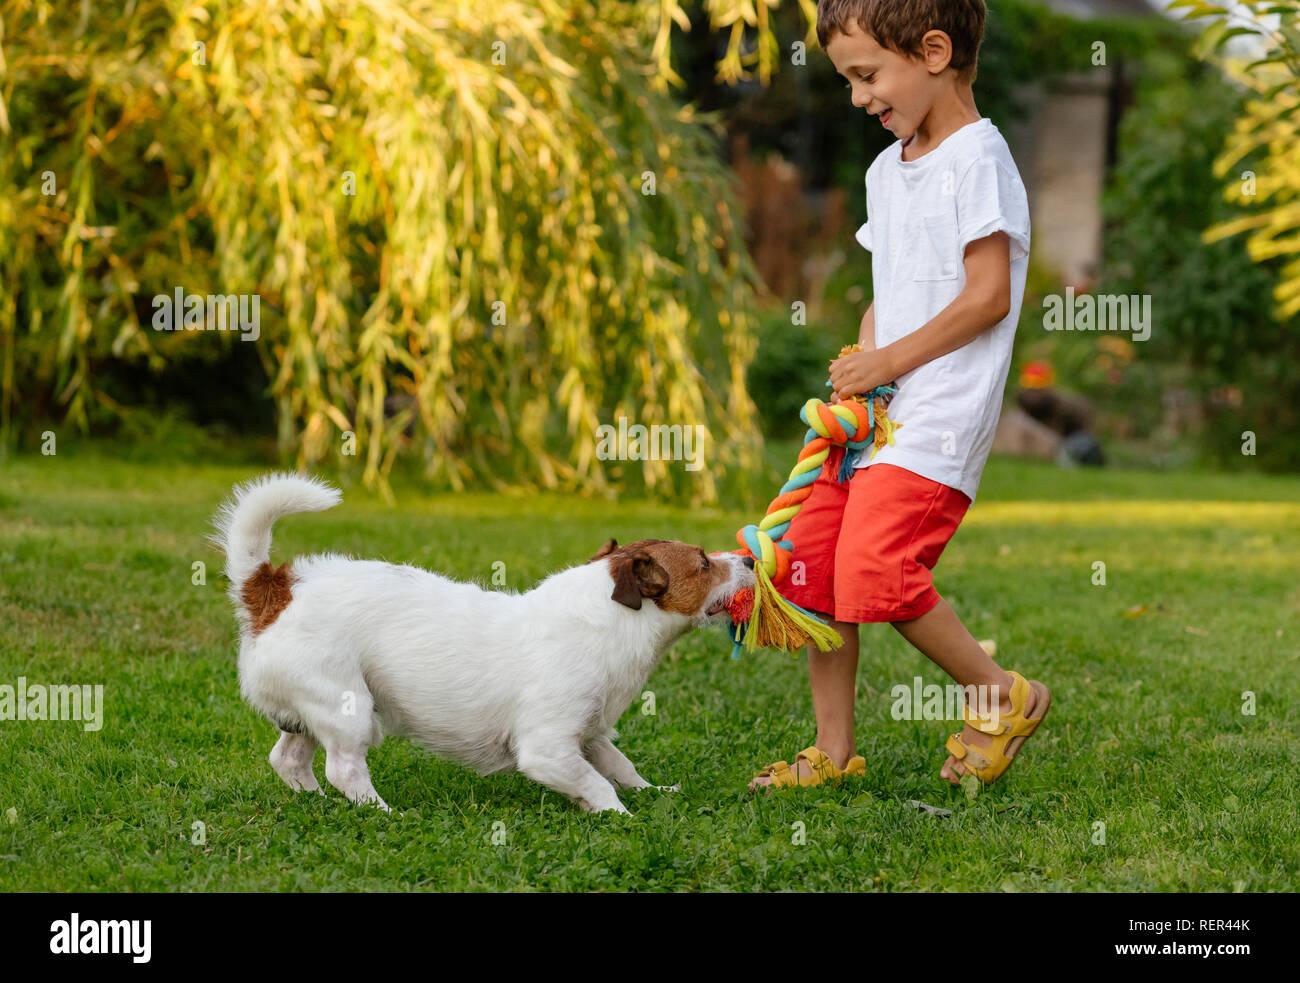 Feliz riendo kid boy jugando con su perro tirando de la cuerda de algodón doggy toy Imagen De Stock